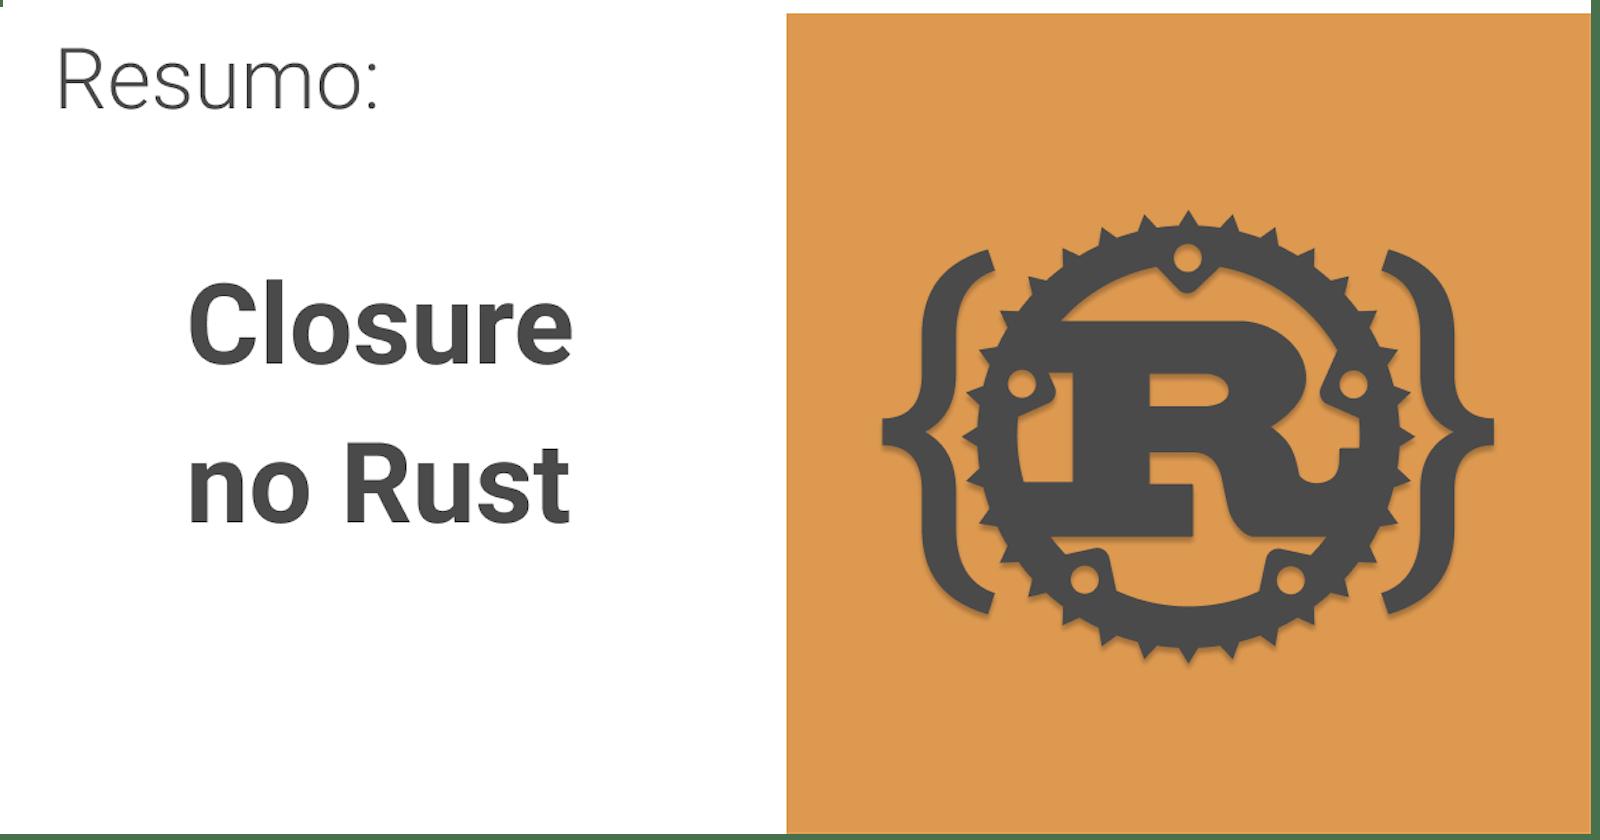 Resumo: Closure no Rust